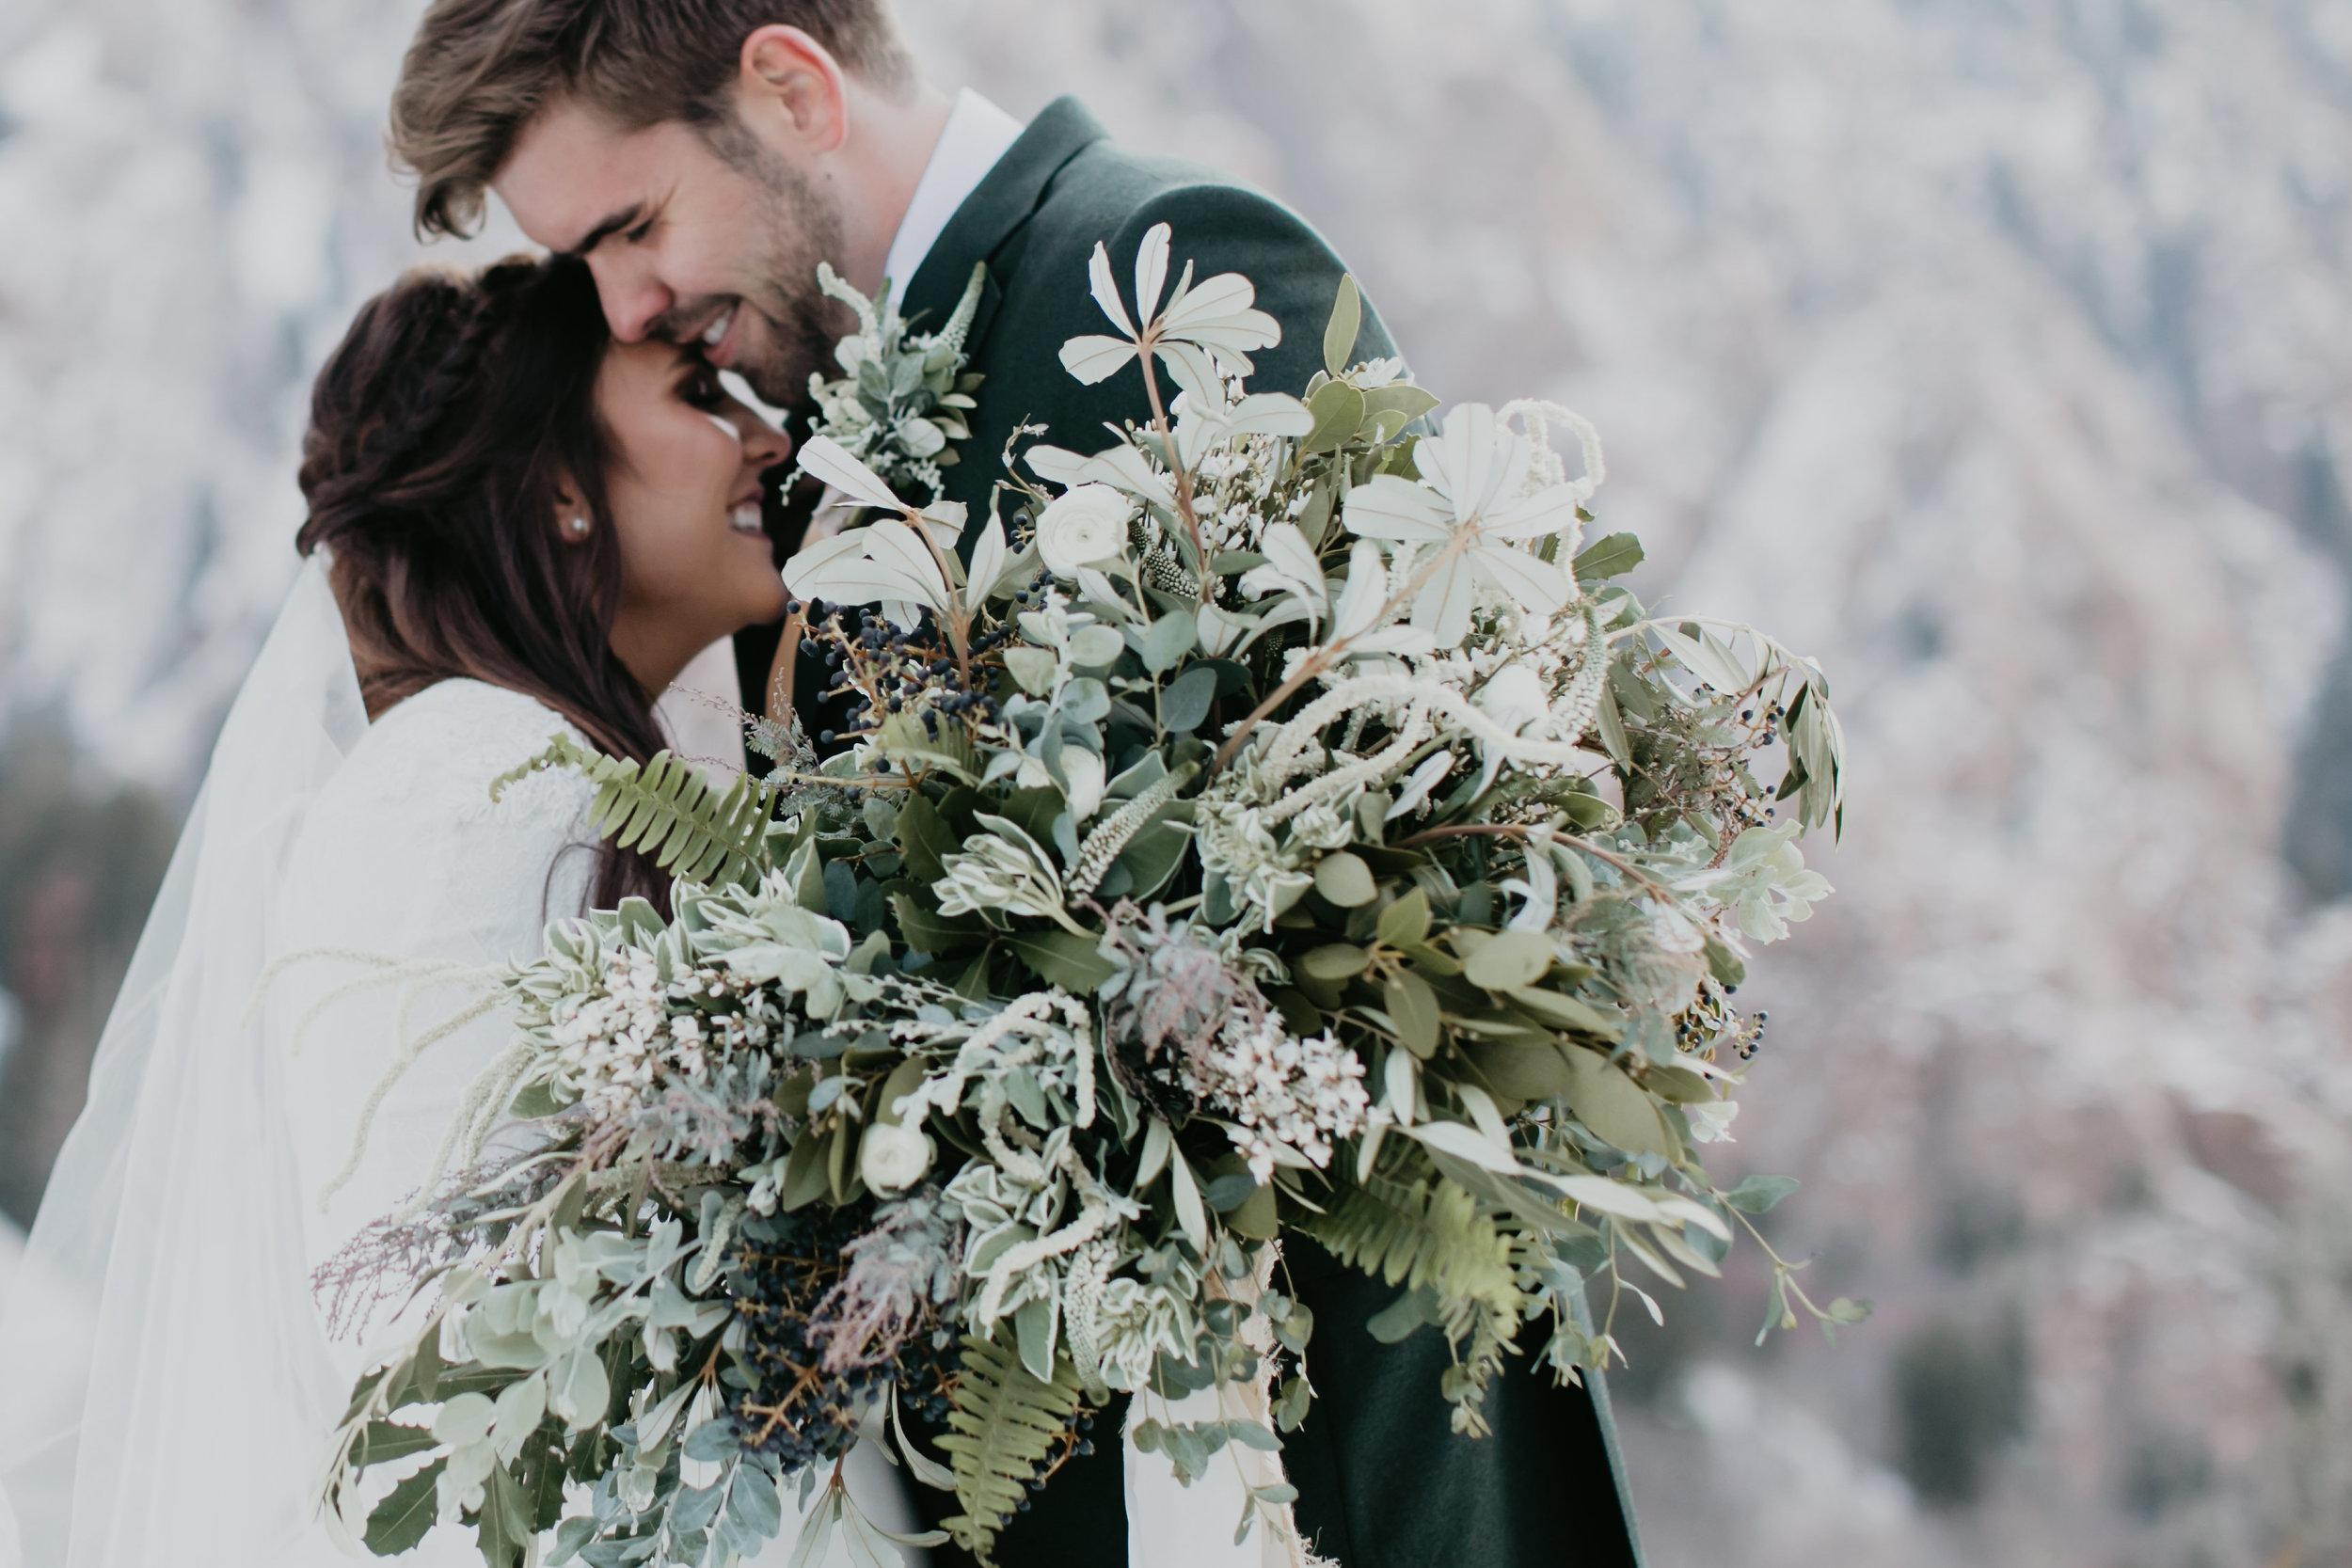 Lundy Anders Utah Greenery Wedding Wedding Bridal Flowers